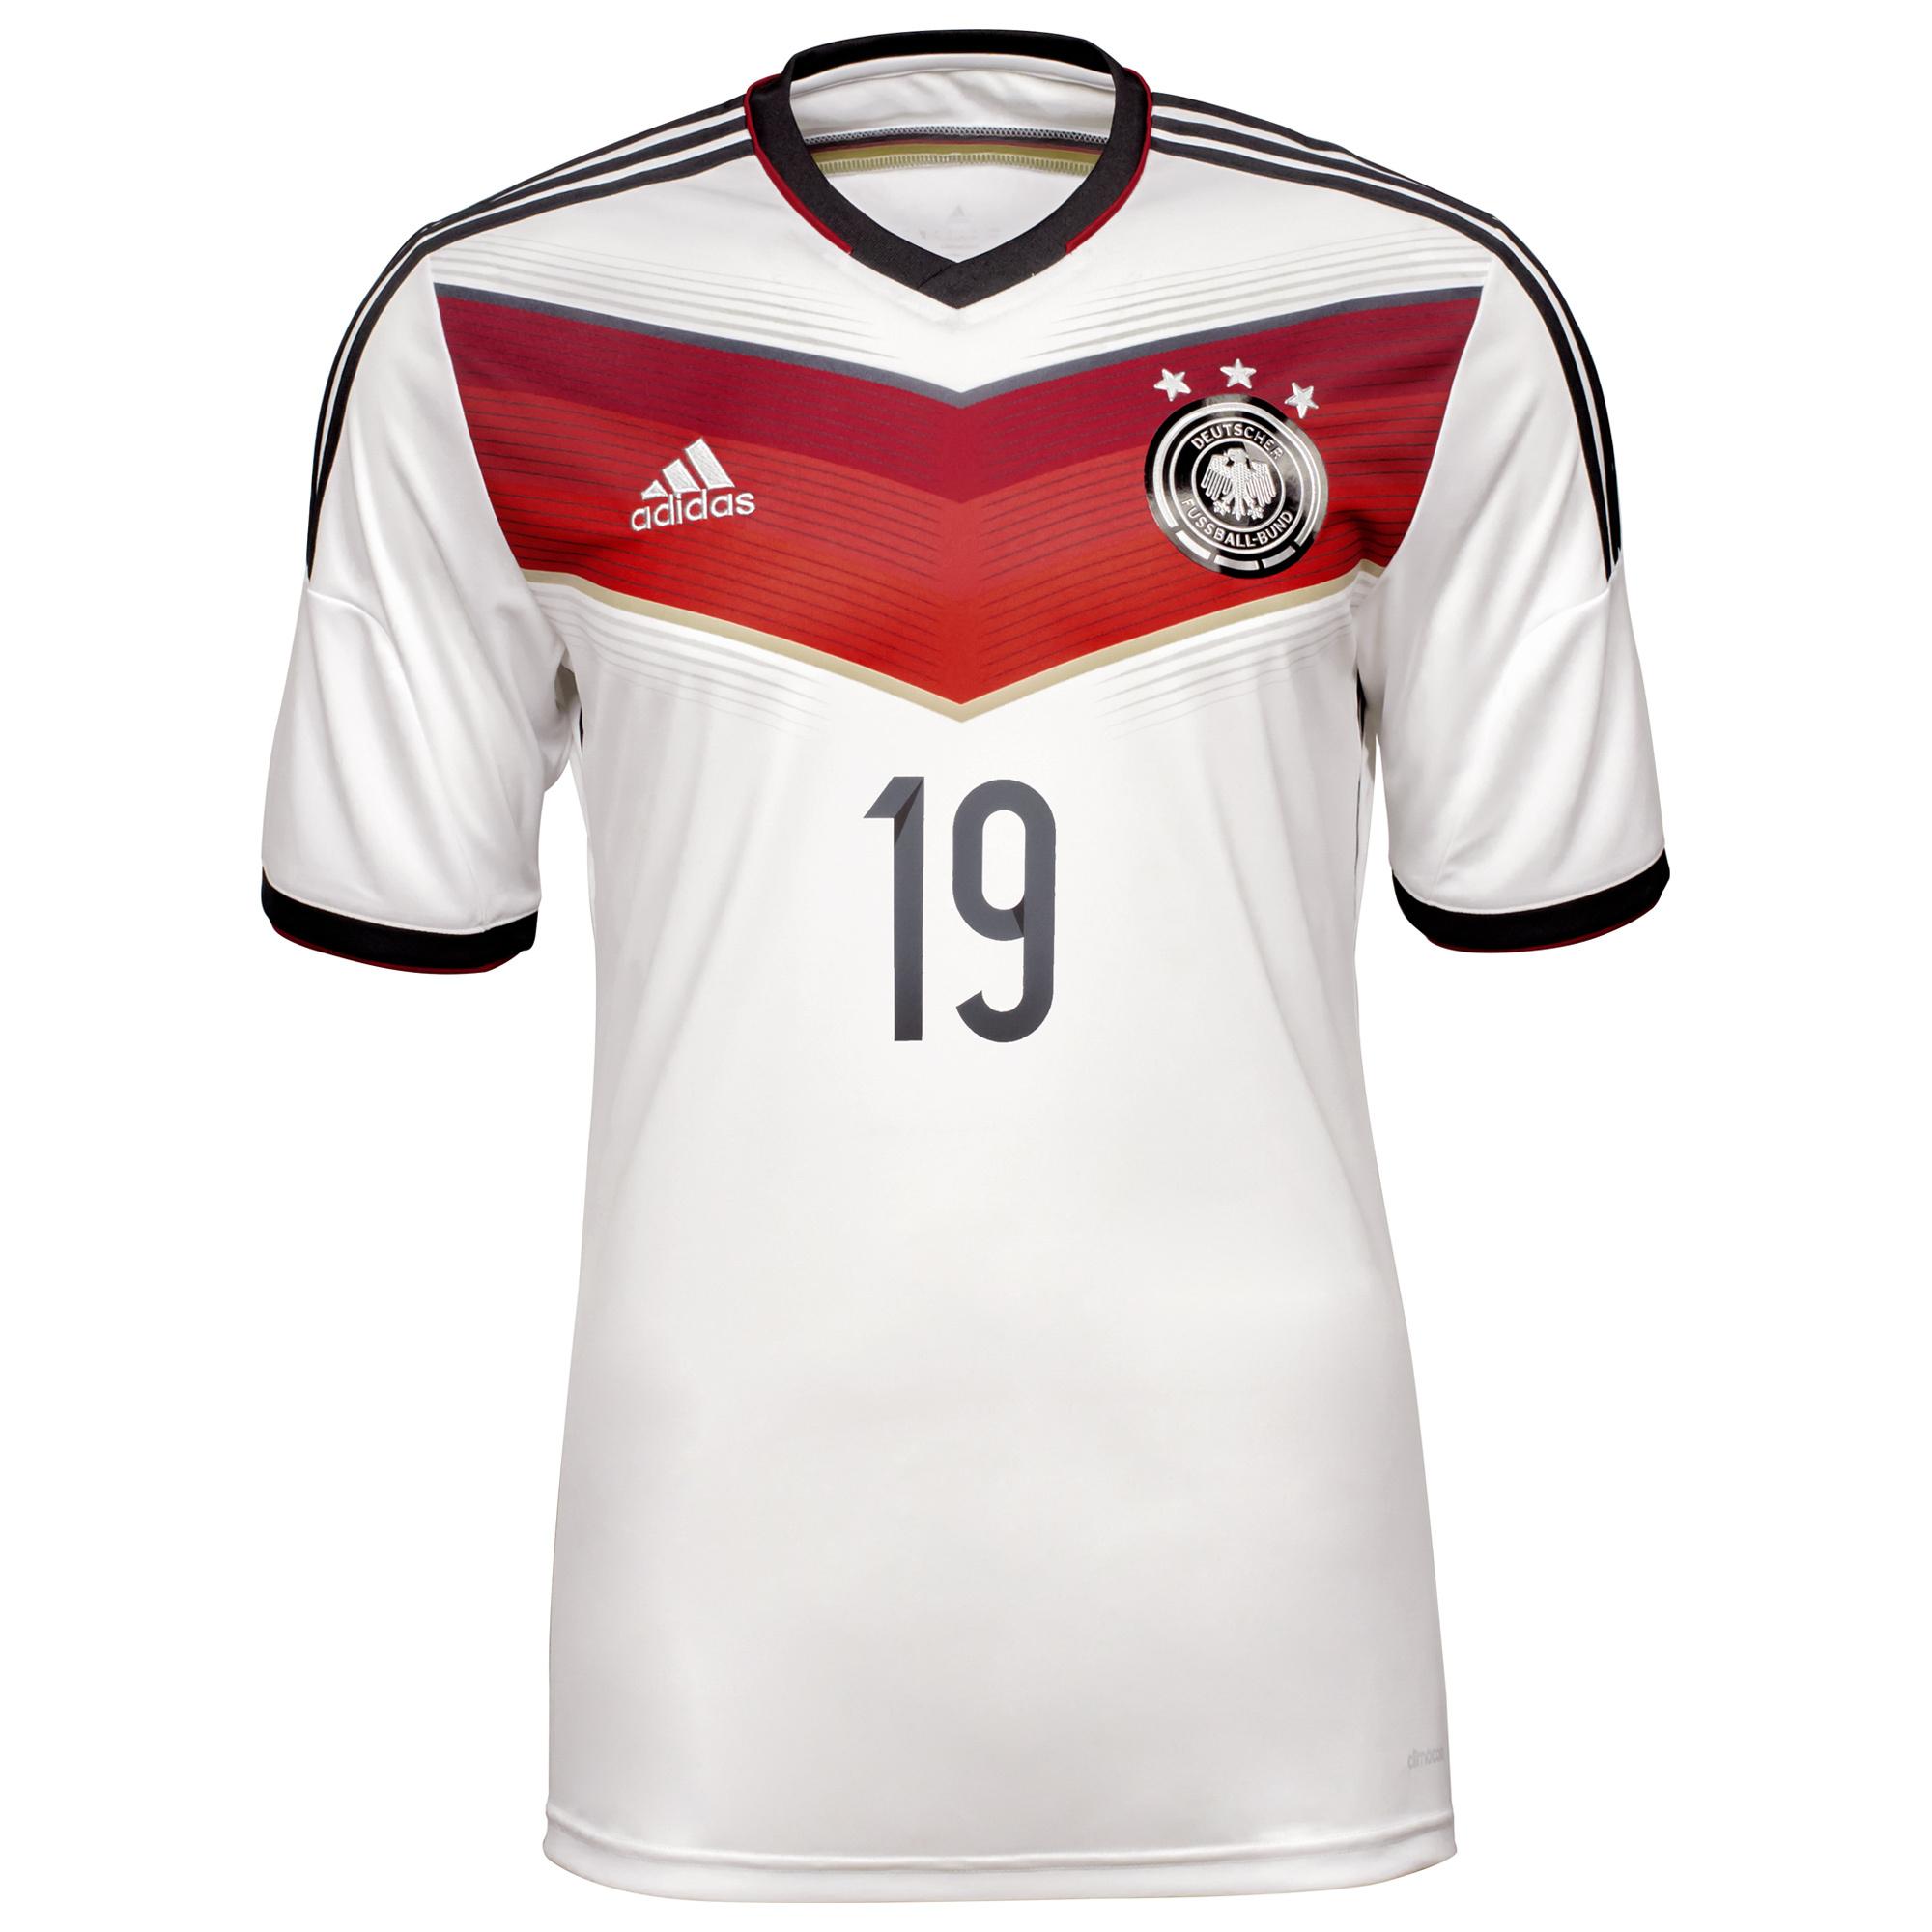 Adidas deutschland trikot 19 mario g tze wm 2014 dfb Markise gunstig deutschland